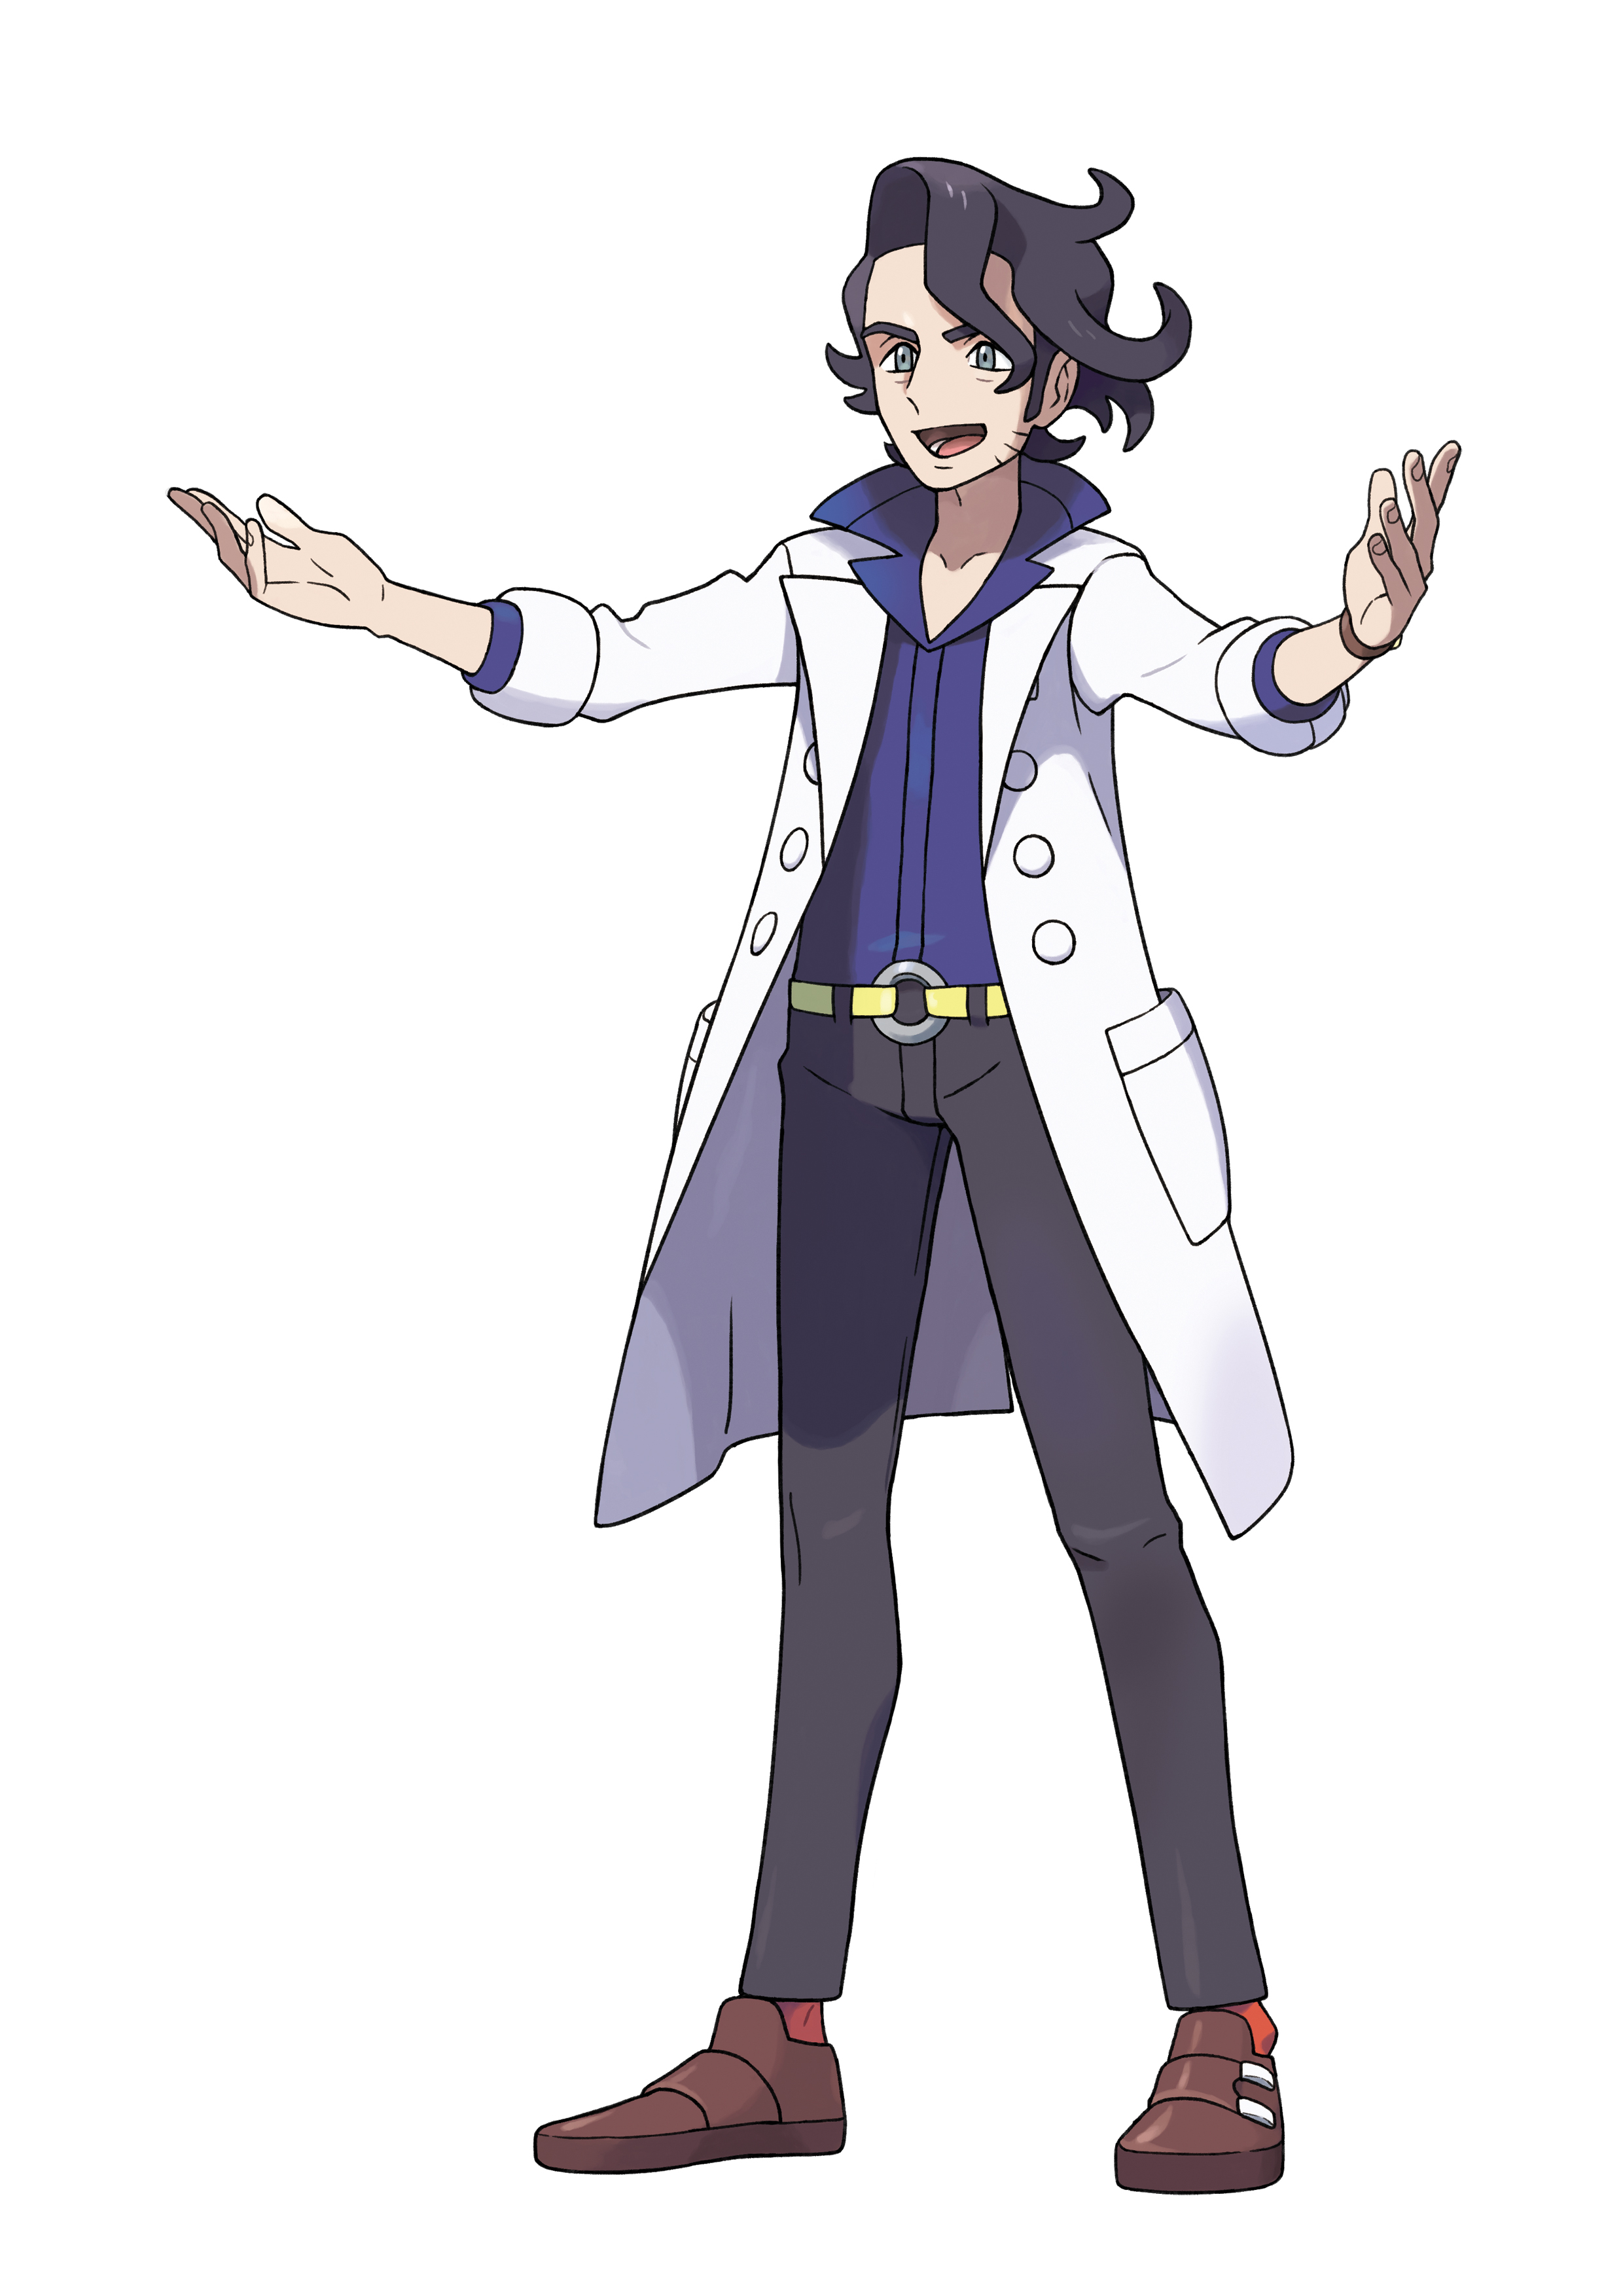 Professor Sycamore